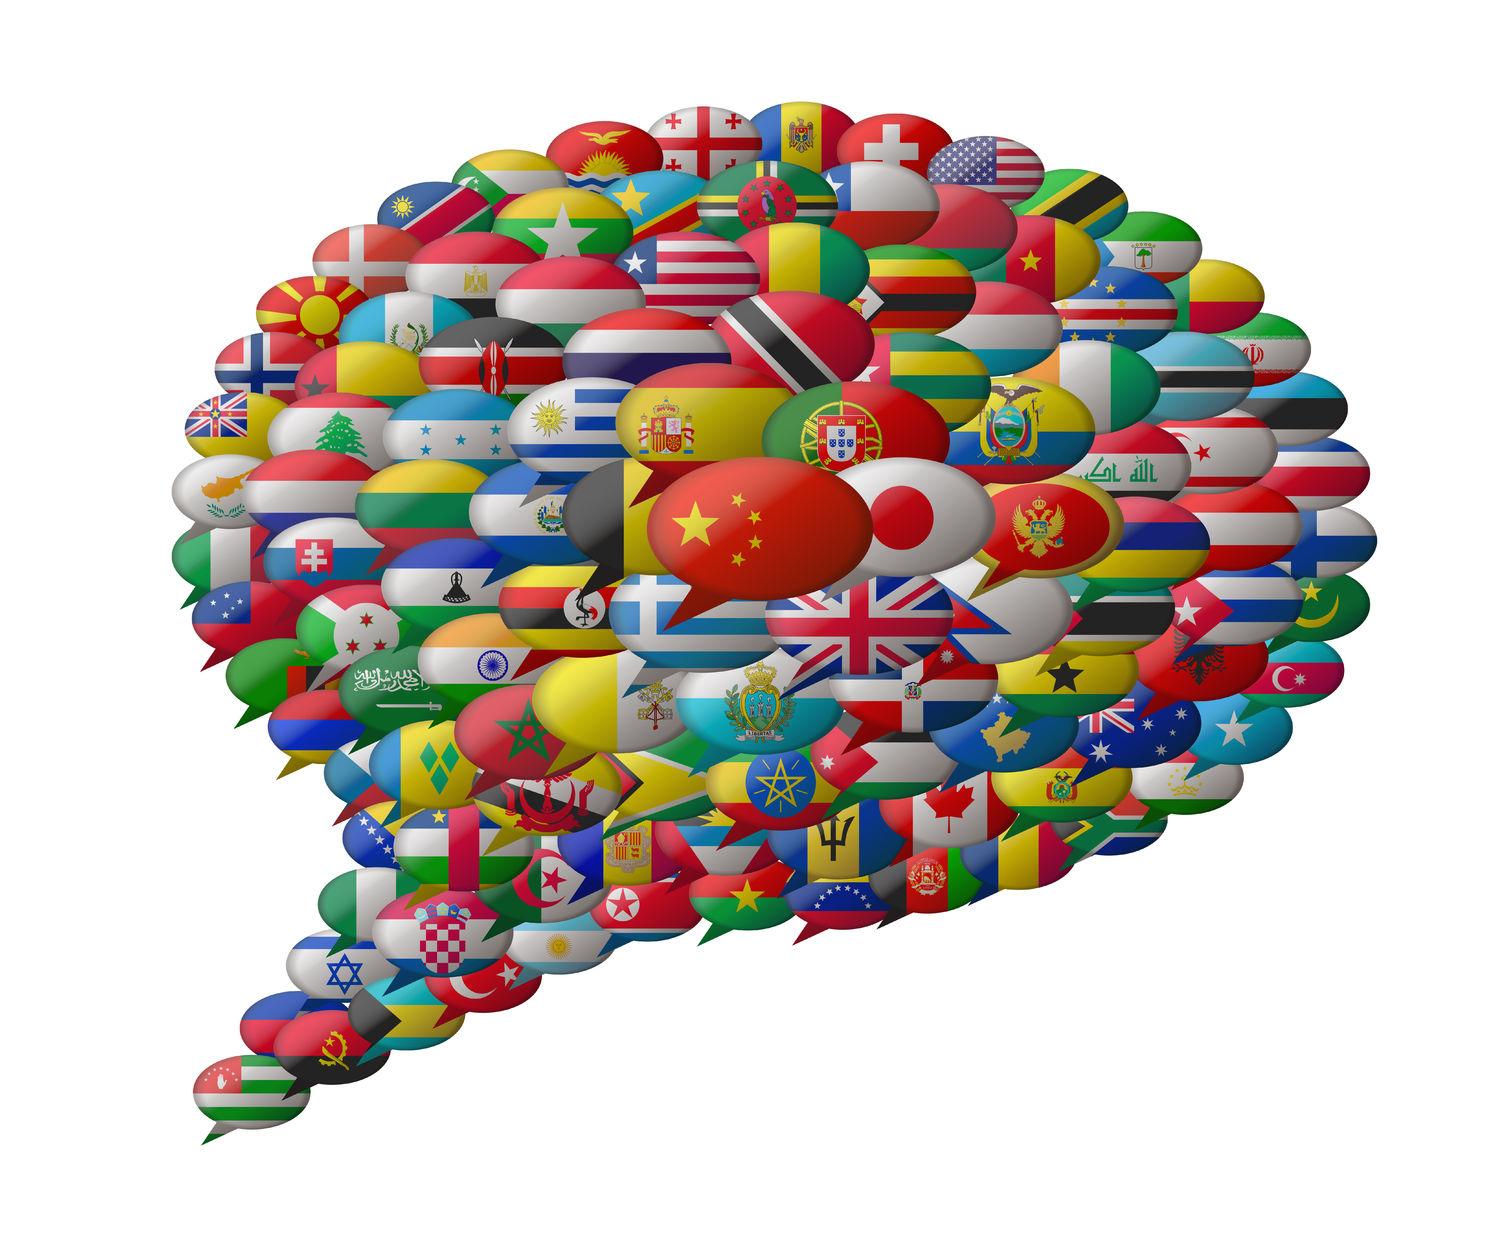 servicios multilingues-sumate-idiomas